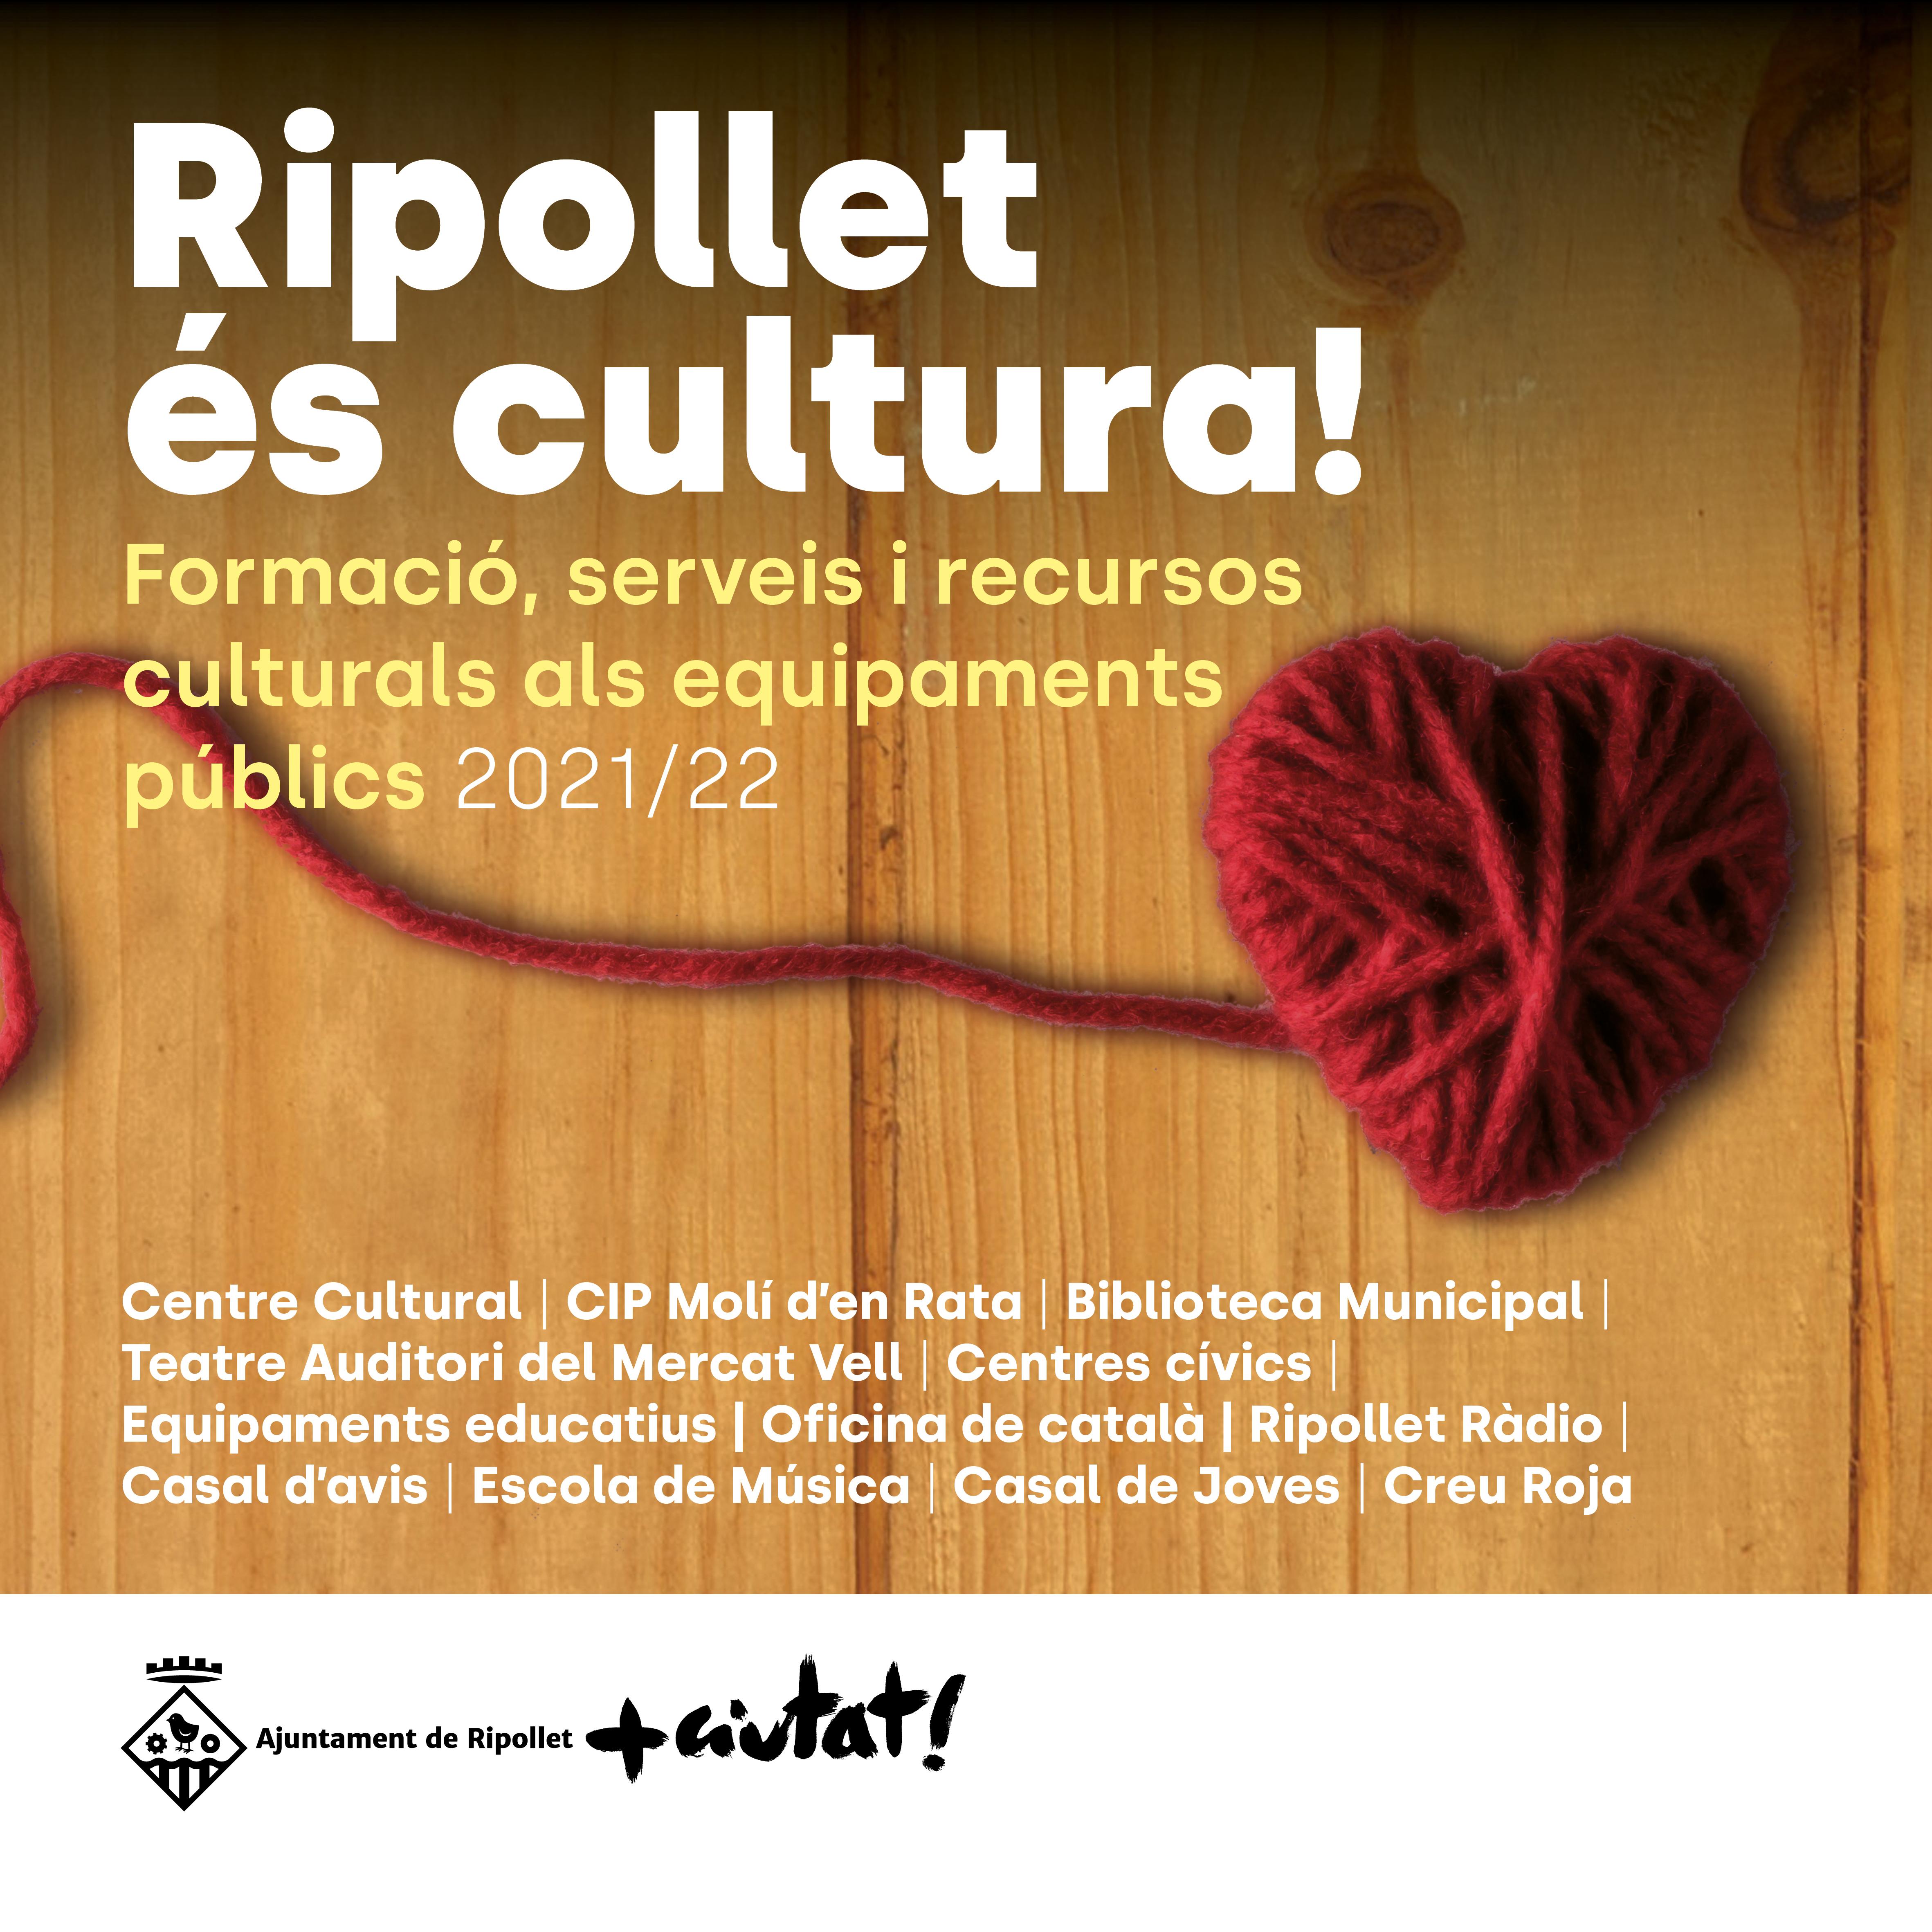 Ripollet és Cultura 2021-2022